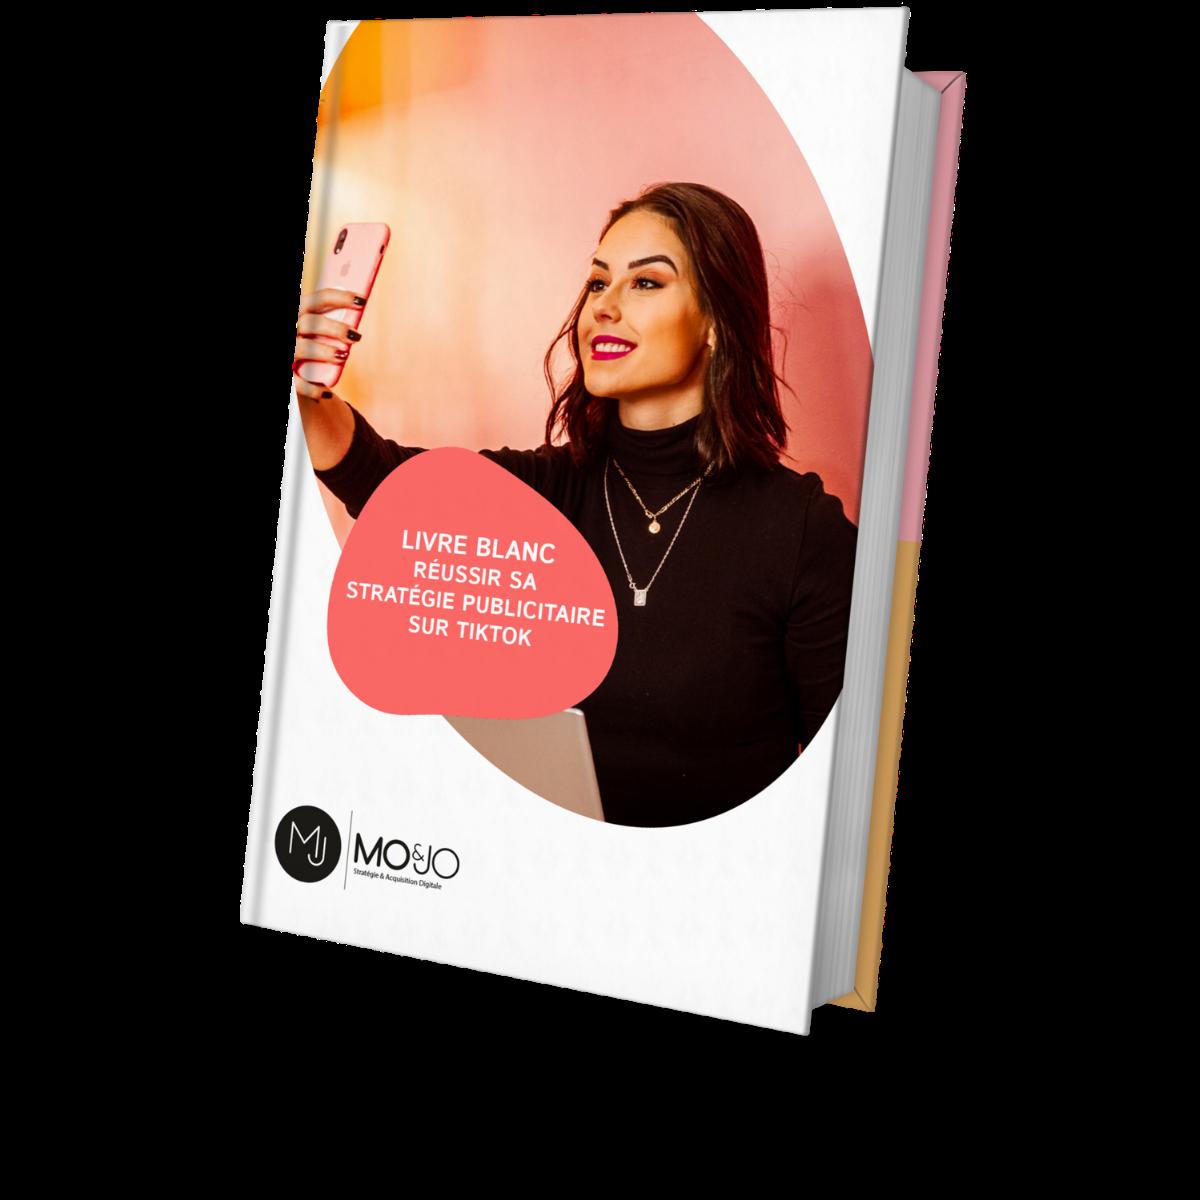 Livre Blanc - Réussir sa stratégie publicitaire sur TikTok